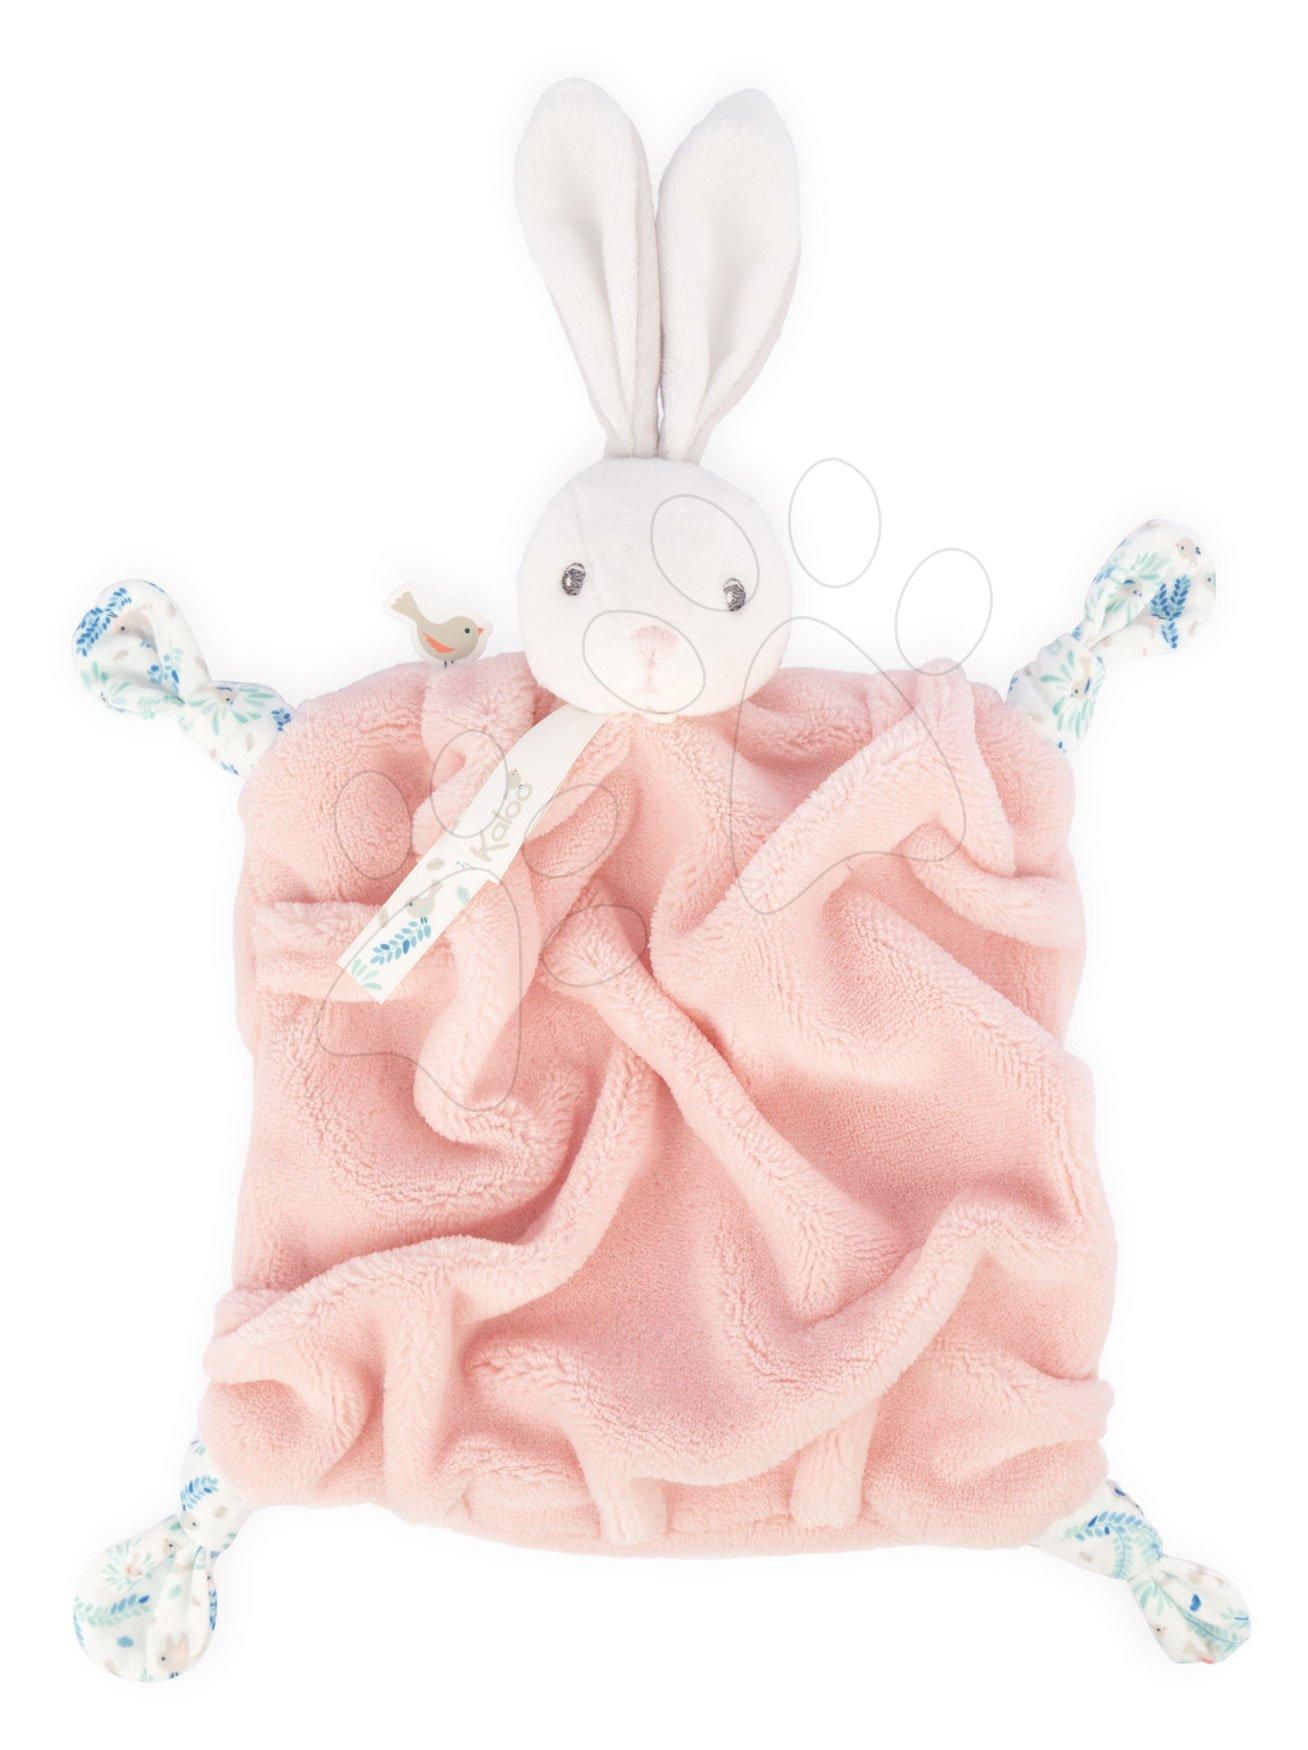 Plyšový zajačik maznáčik Plume Doudou Rabbit Powder Pink Kaloo ružový 20 cm pre bábätká v darčekovom balení od 0 mes